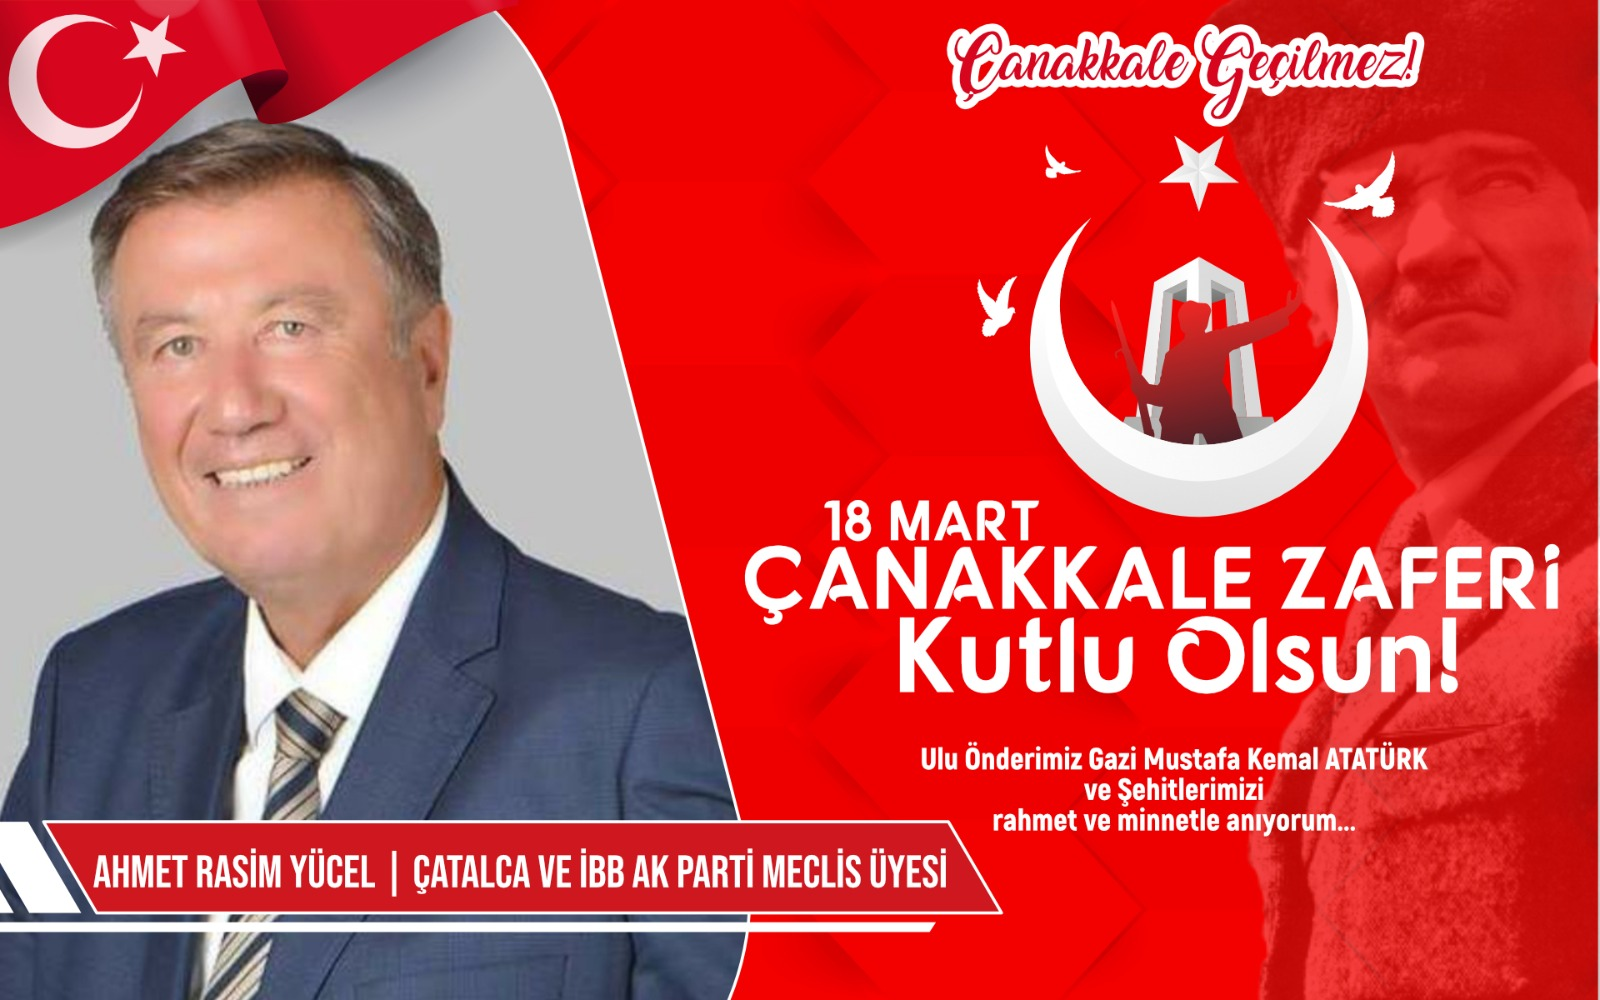 Çatalca ve İBB AK Parti Meclis Üyesi A.Rasim Yücel'den Kutlama ve Anma Mesajı